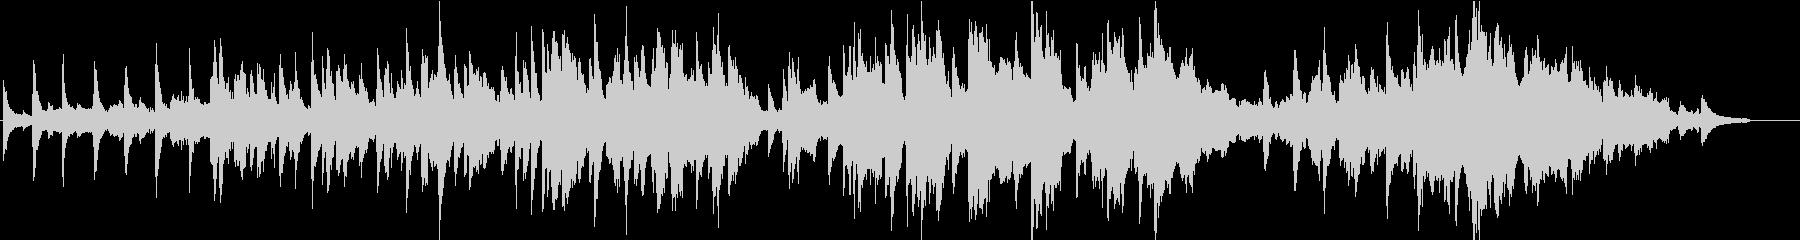 ピアノと弦楽器による静かなバラードの未再生の波形